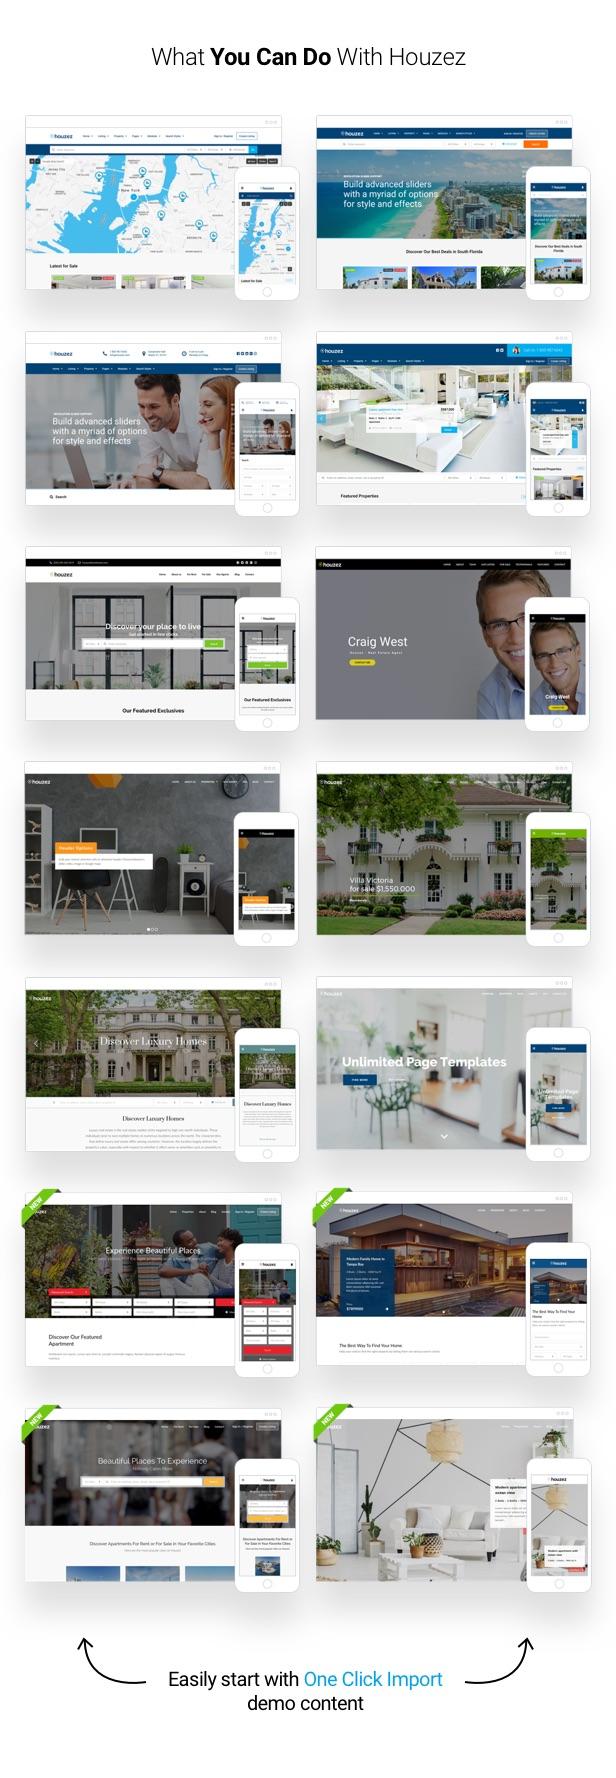 houzez3 - Houzez - Real Estate WordPress Theme